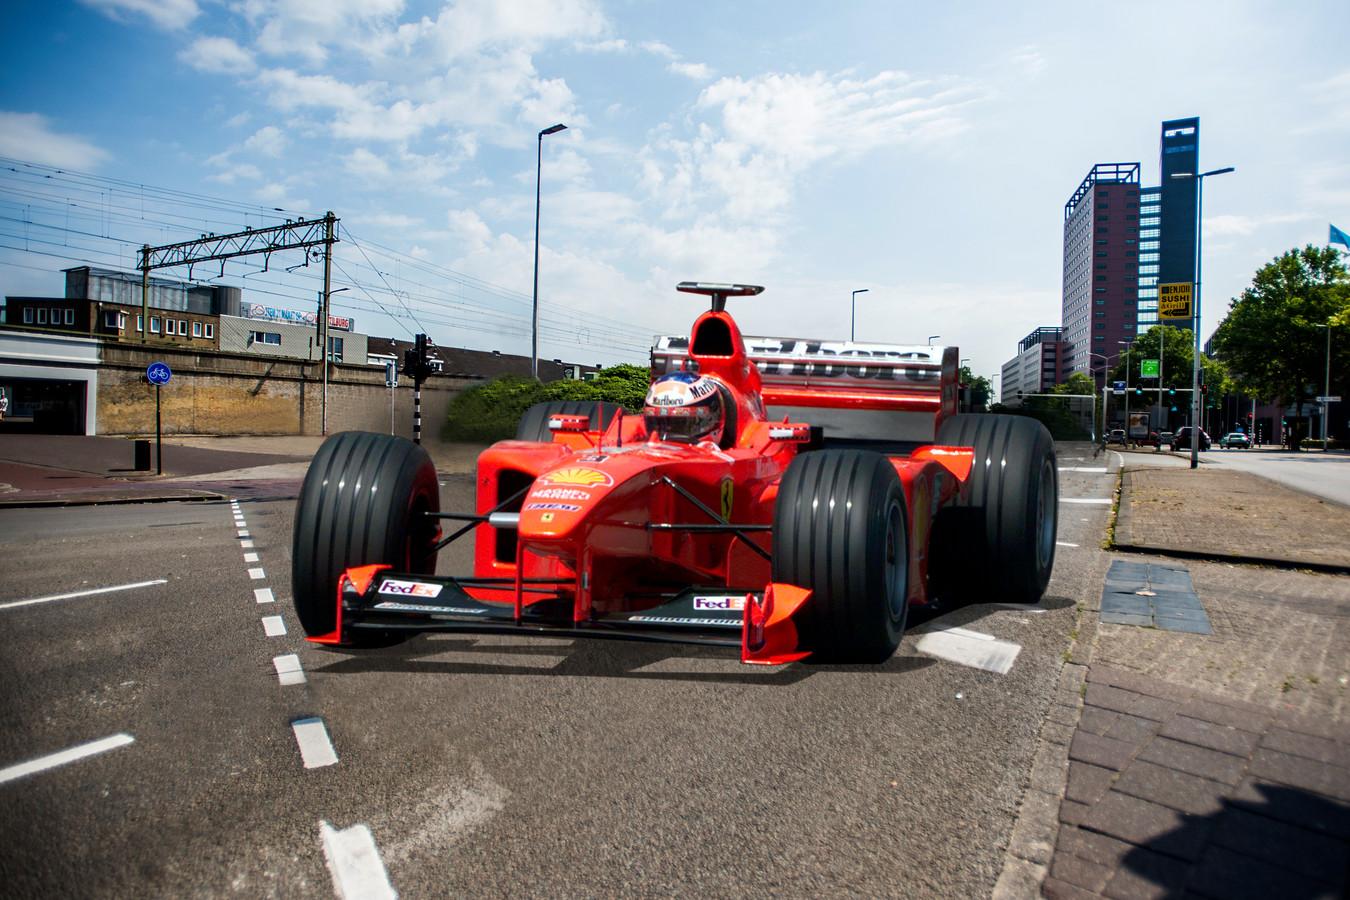 Formule 1 in Tilburg dan maar?